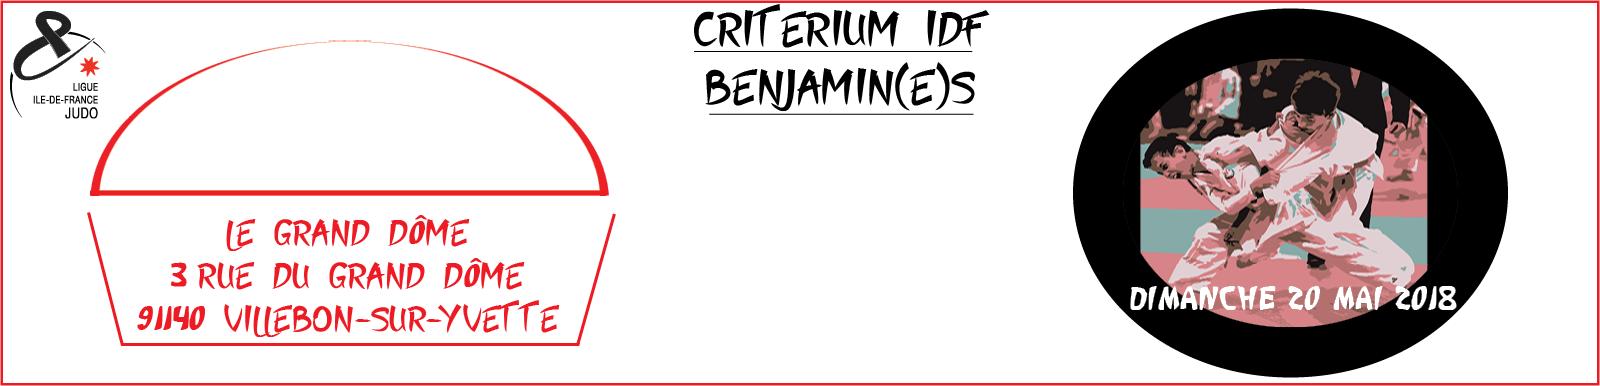 bannire-site-web-criterium-benj-2018